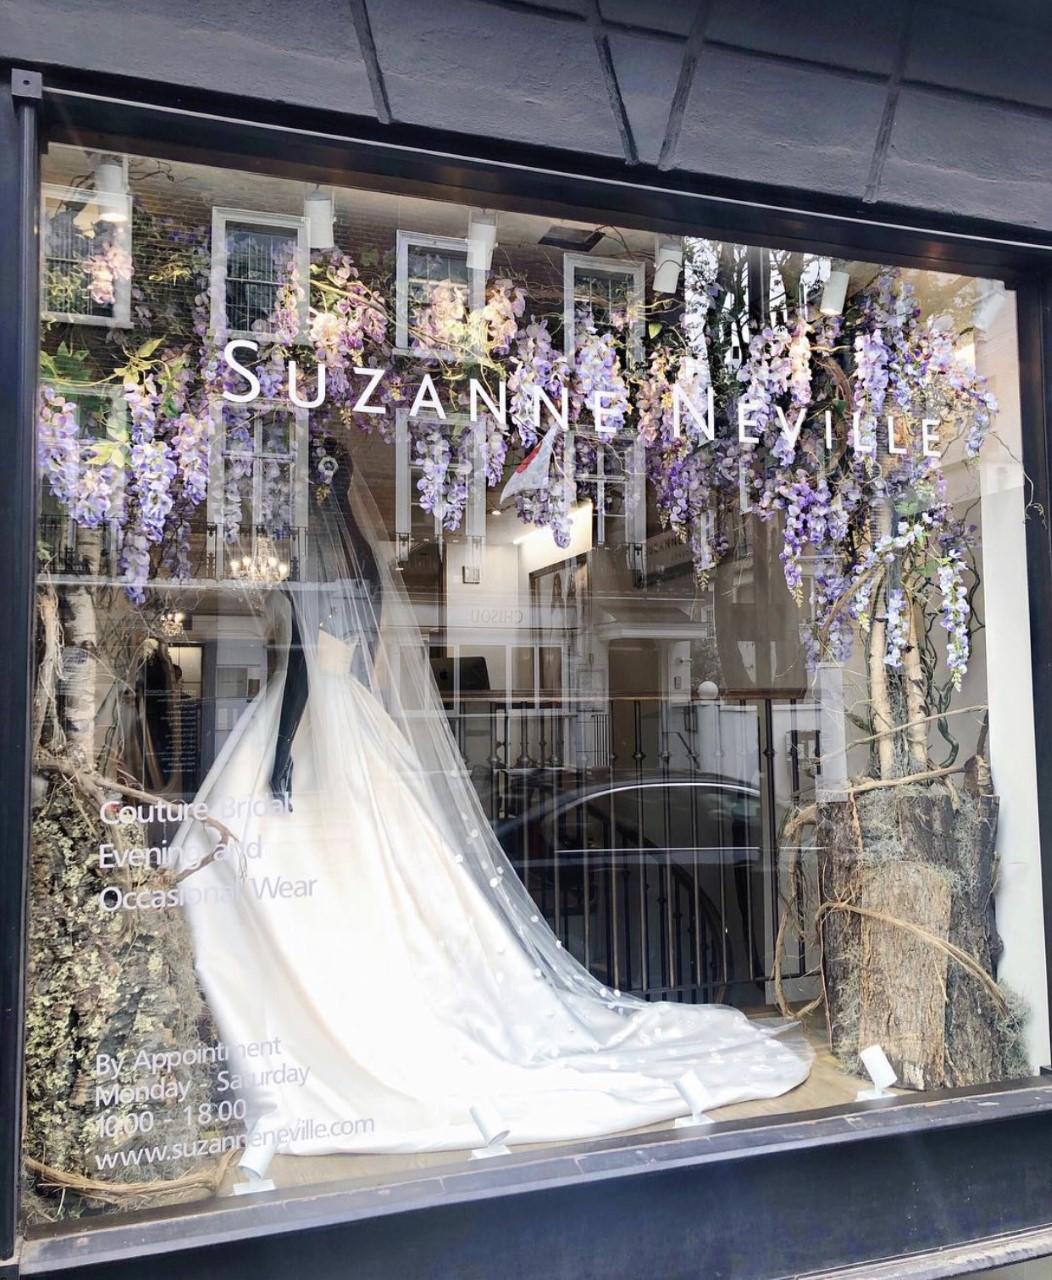 Maison De Fleurs Flagship Store Florist Suzanne Neville